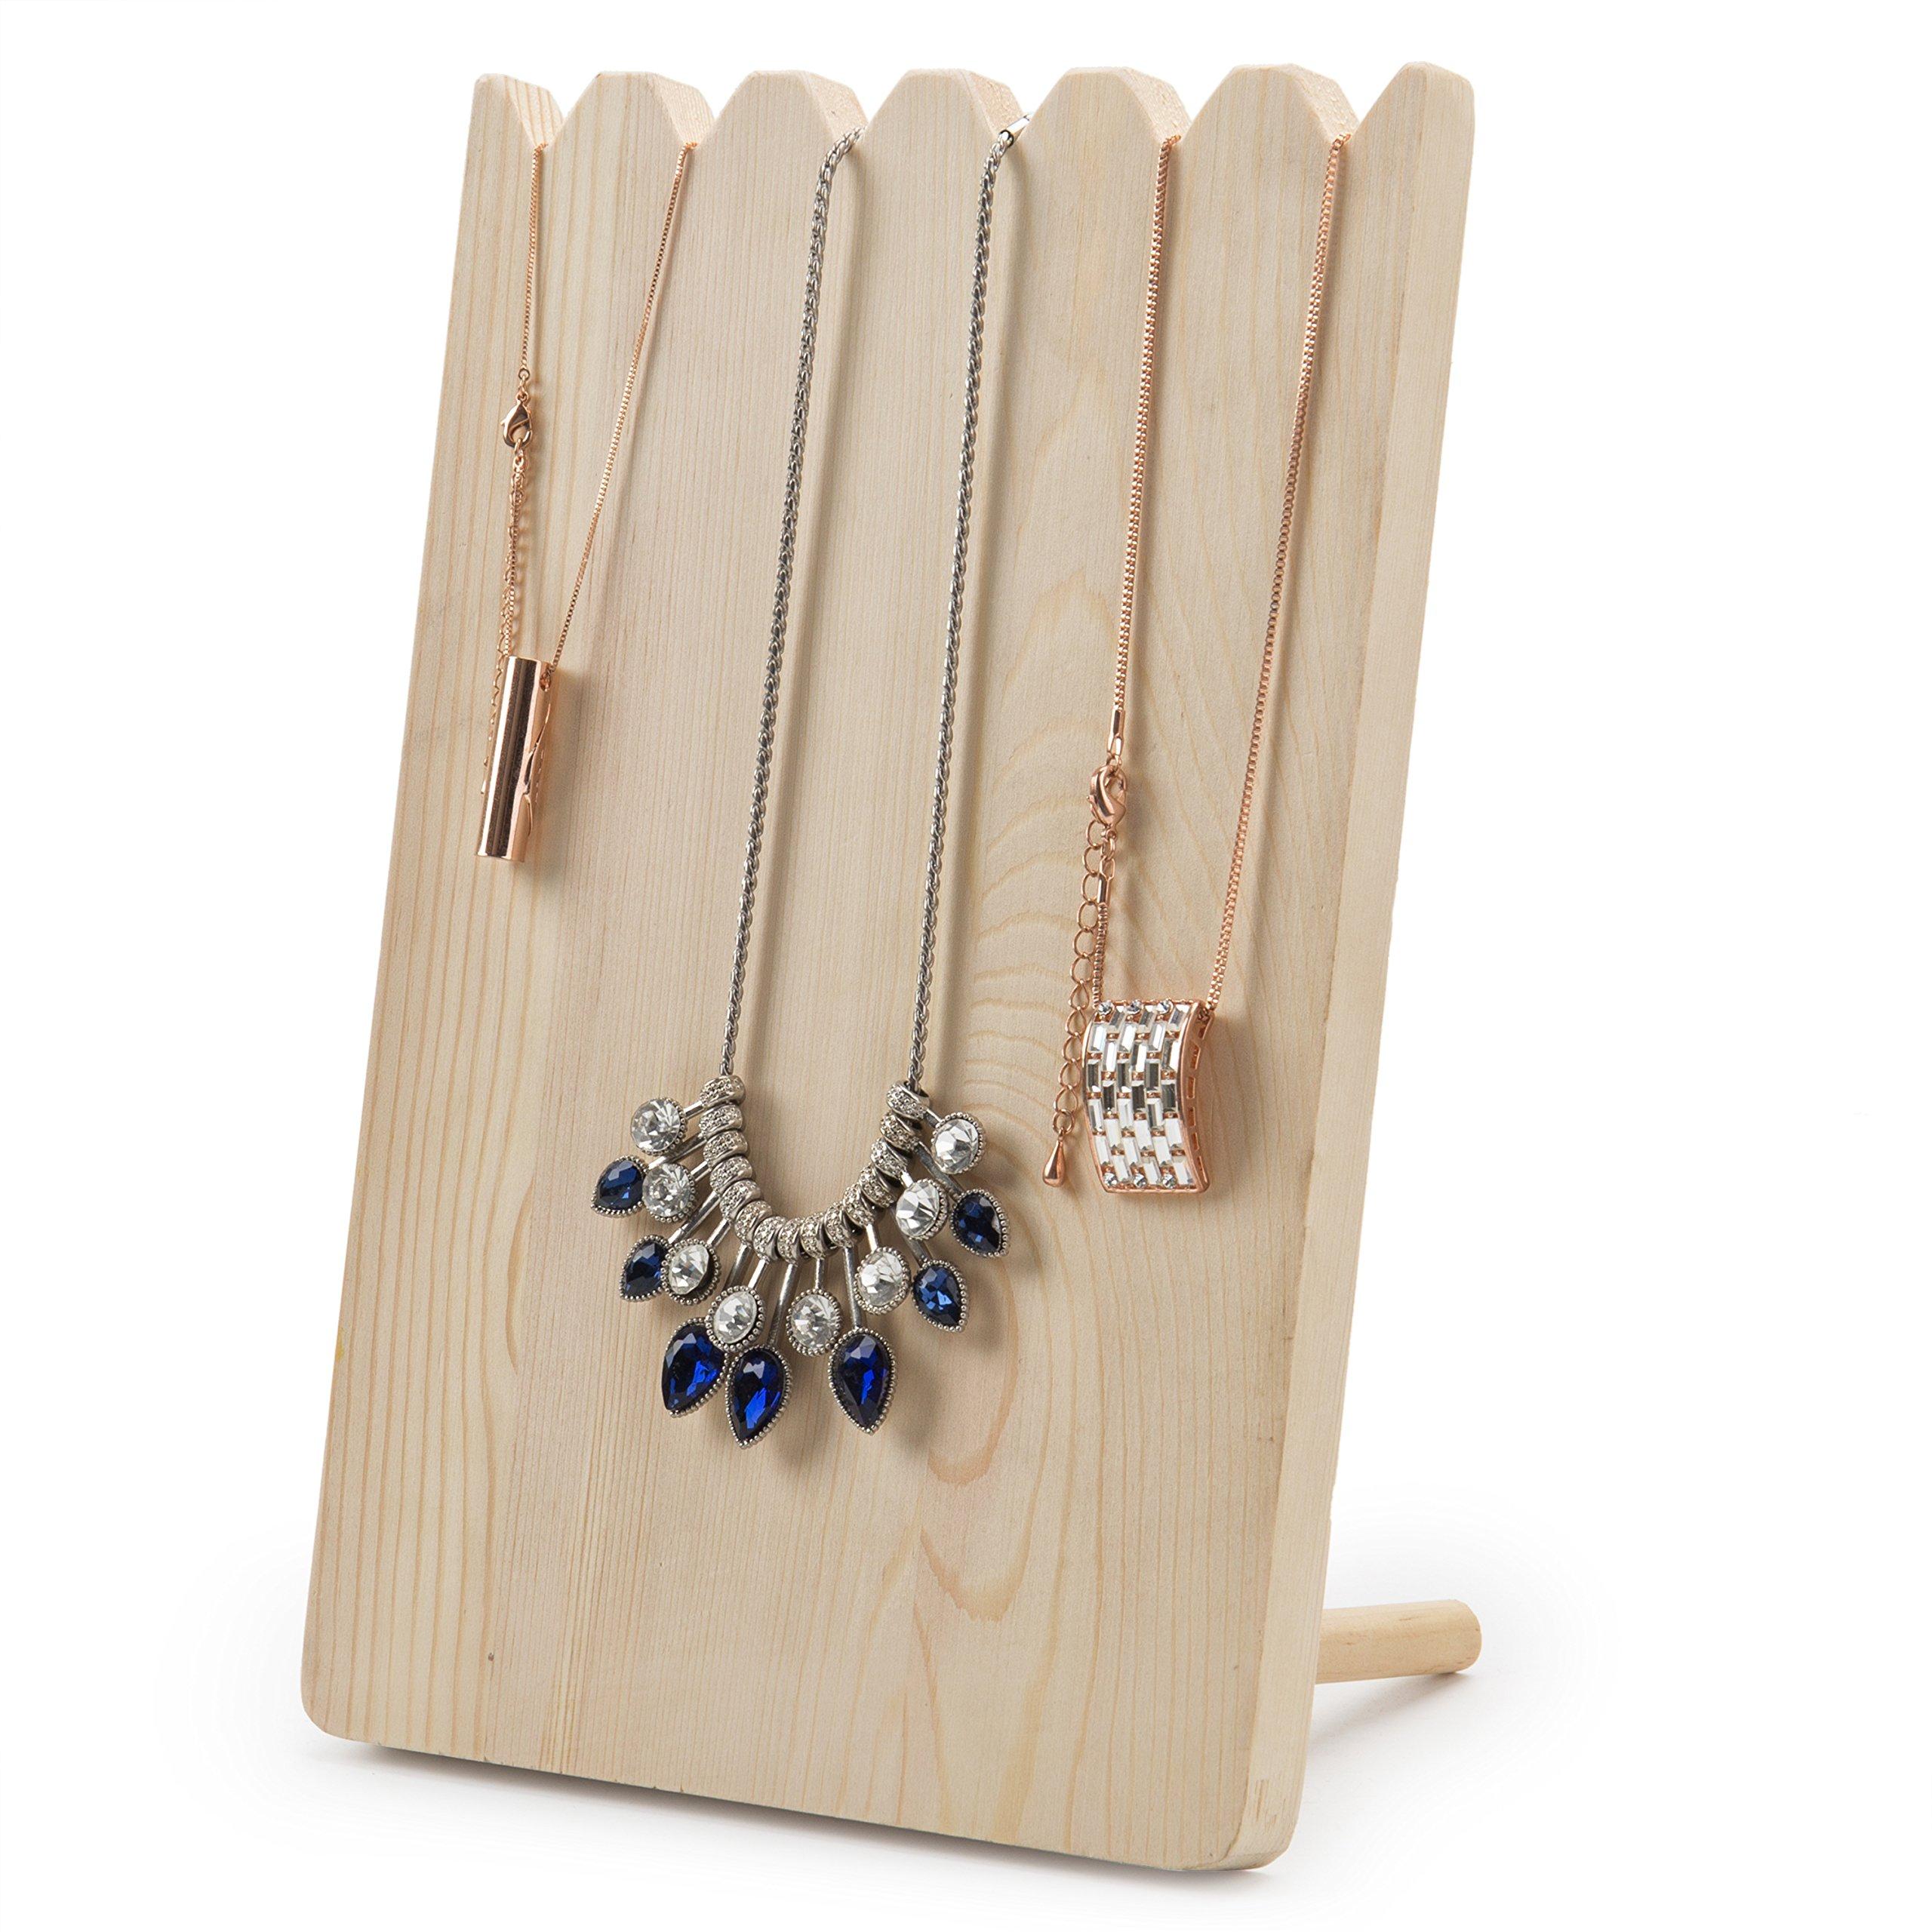 MyGift Natural Wood Adjustable-Length Necklace Holder Display Board